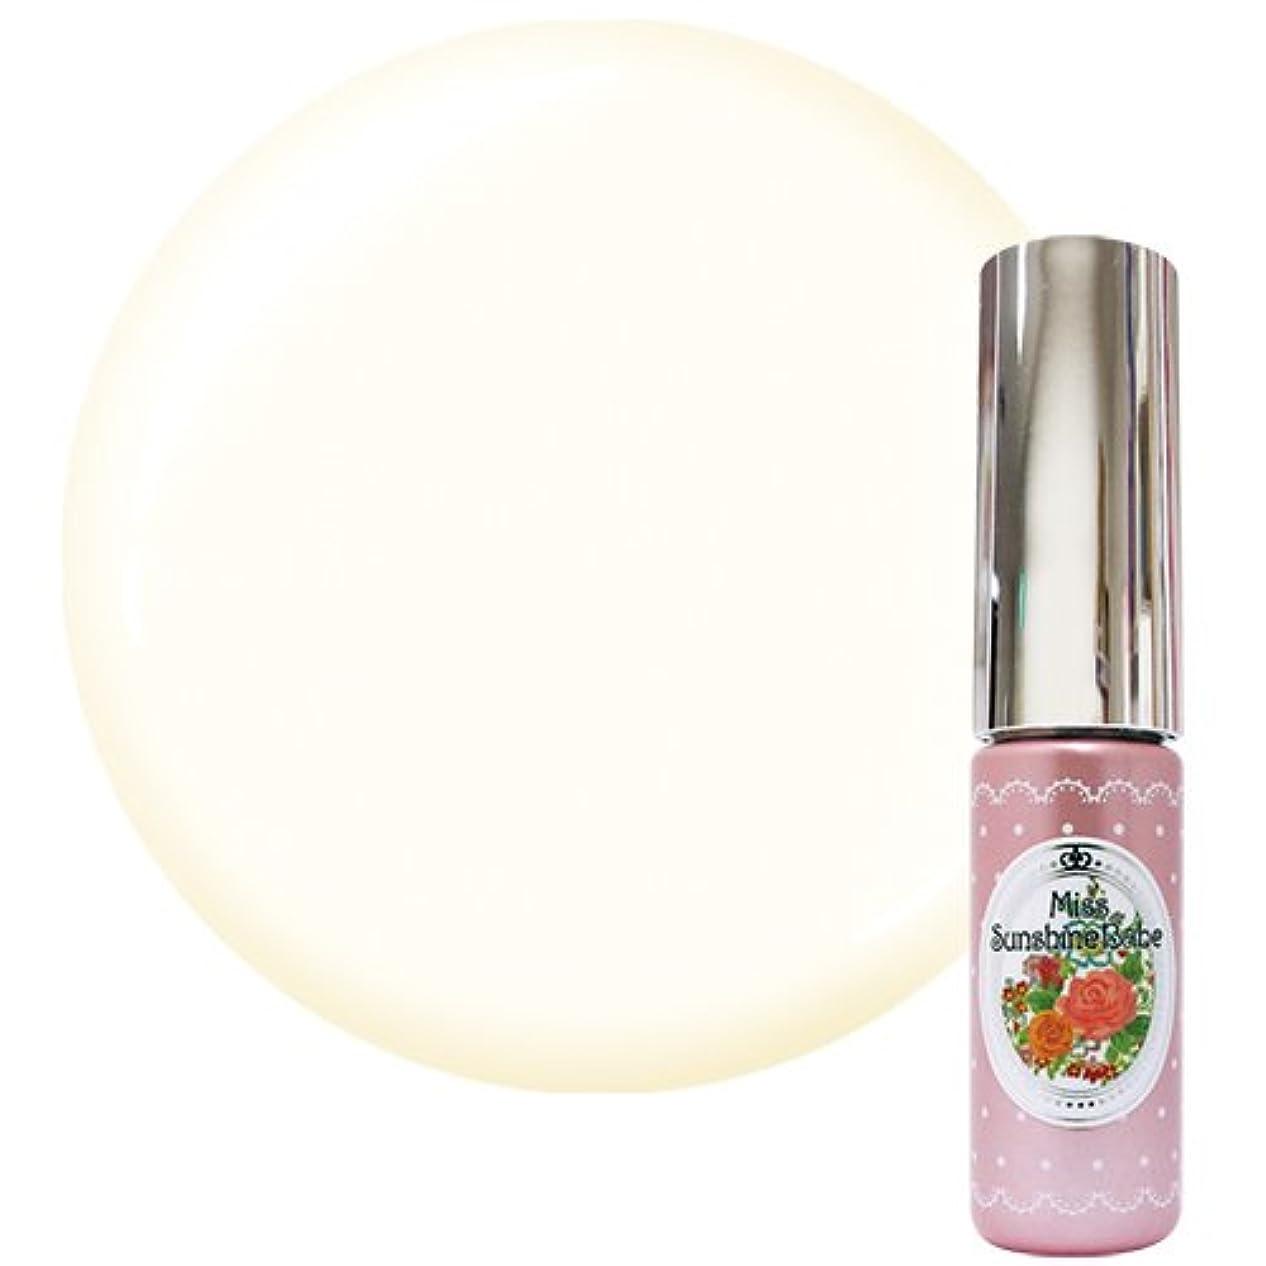 提供政治ピストンMiss SunshineBabe ミス サンシャインベビー カラージェル MC-30 5g ココナッツティー UV/LED対応